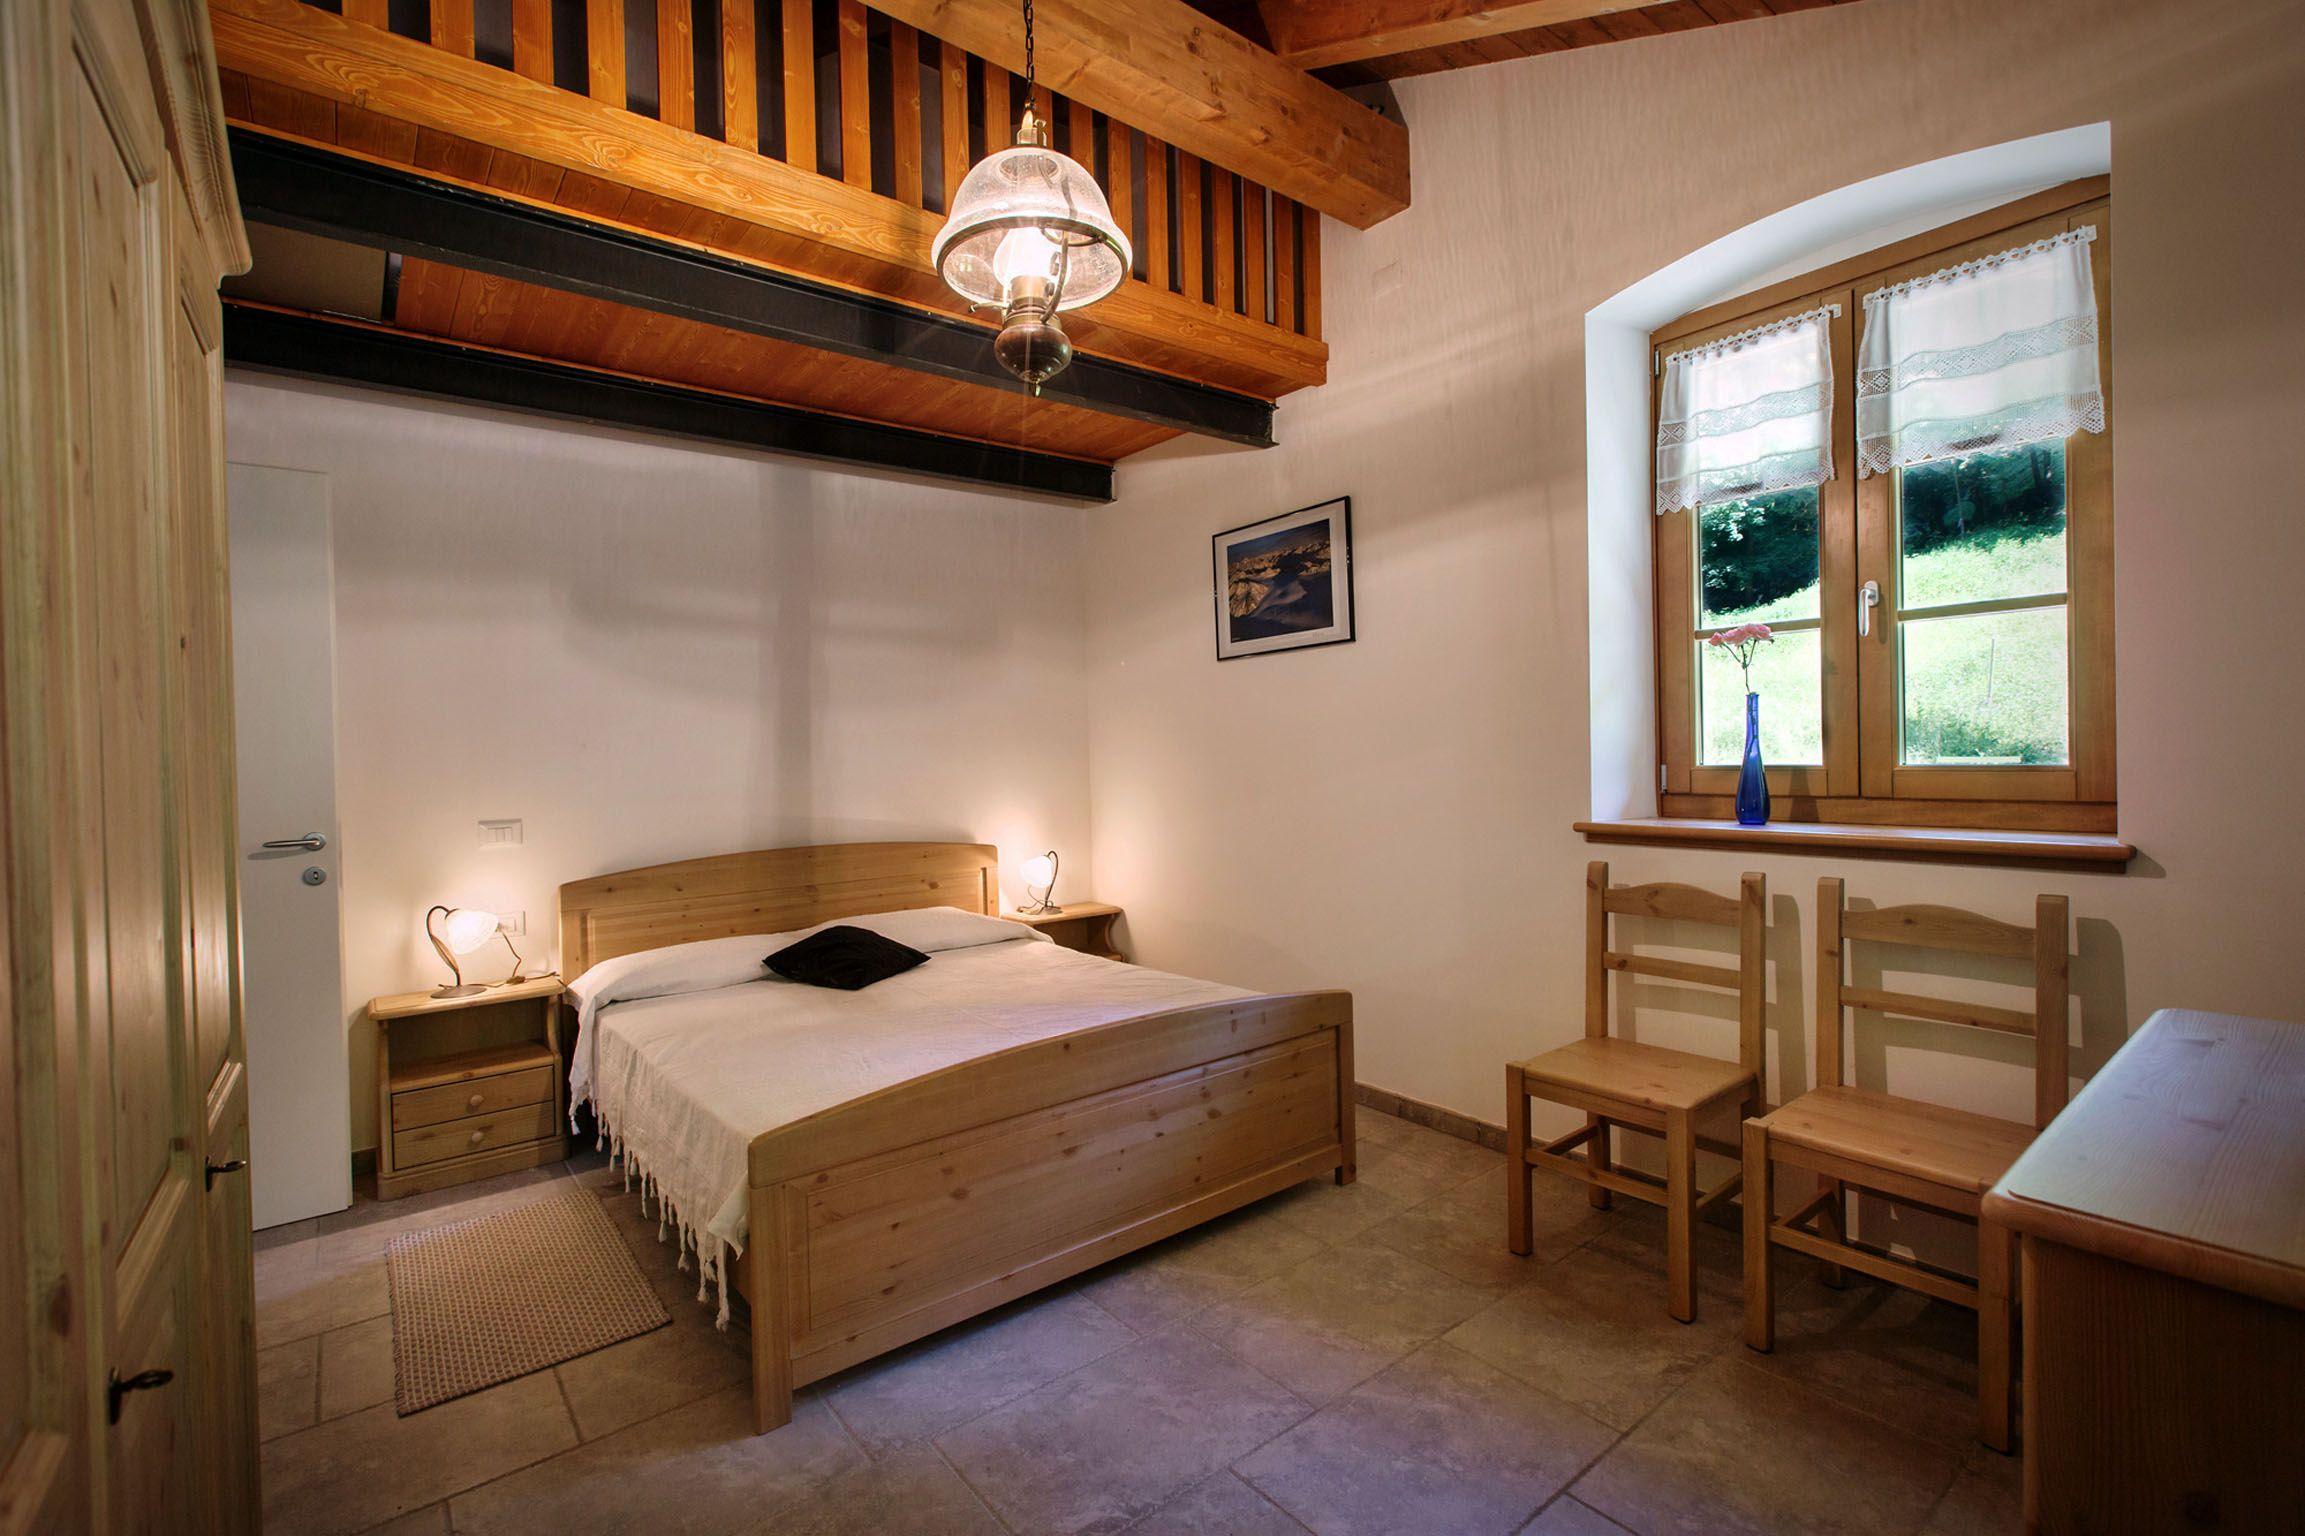 Pin di arredamenti rustici in legno maieron mobilificio su arredamenti camere alberghi - Mobilificio il sole ...